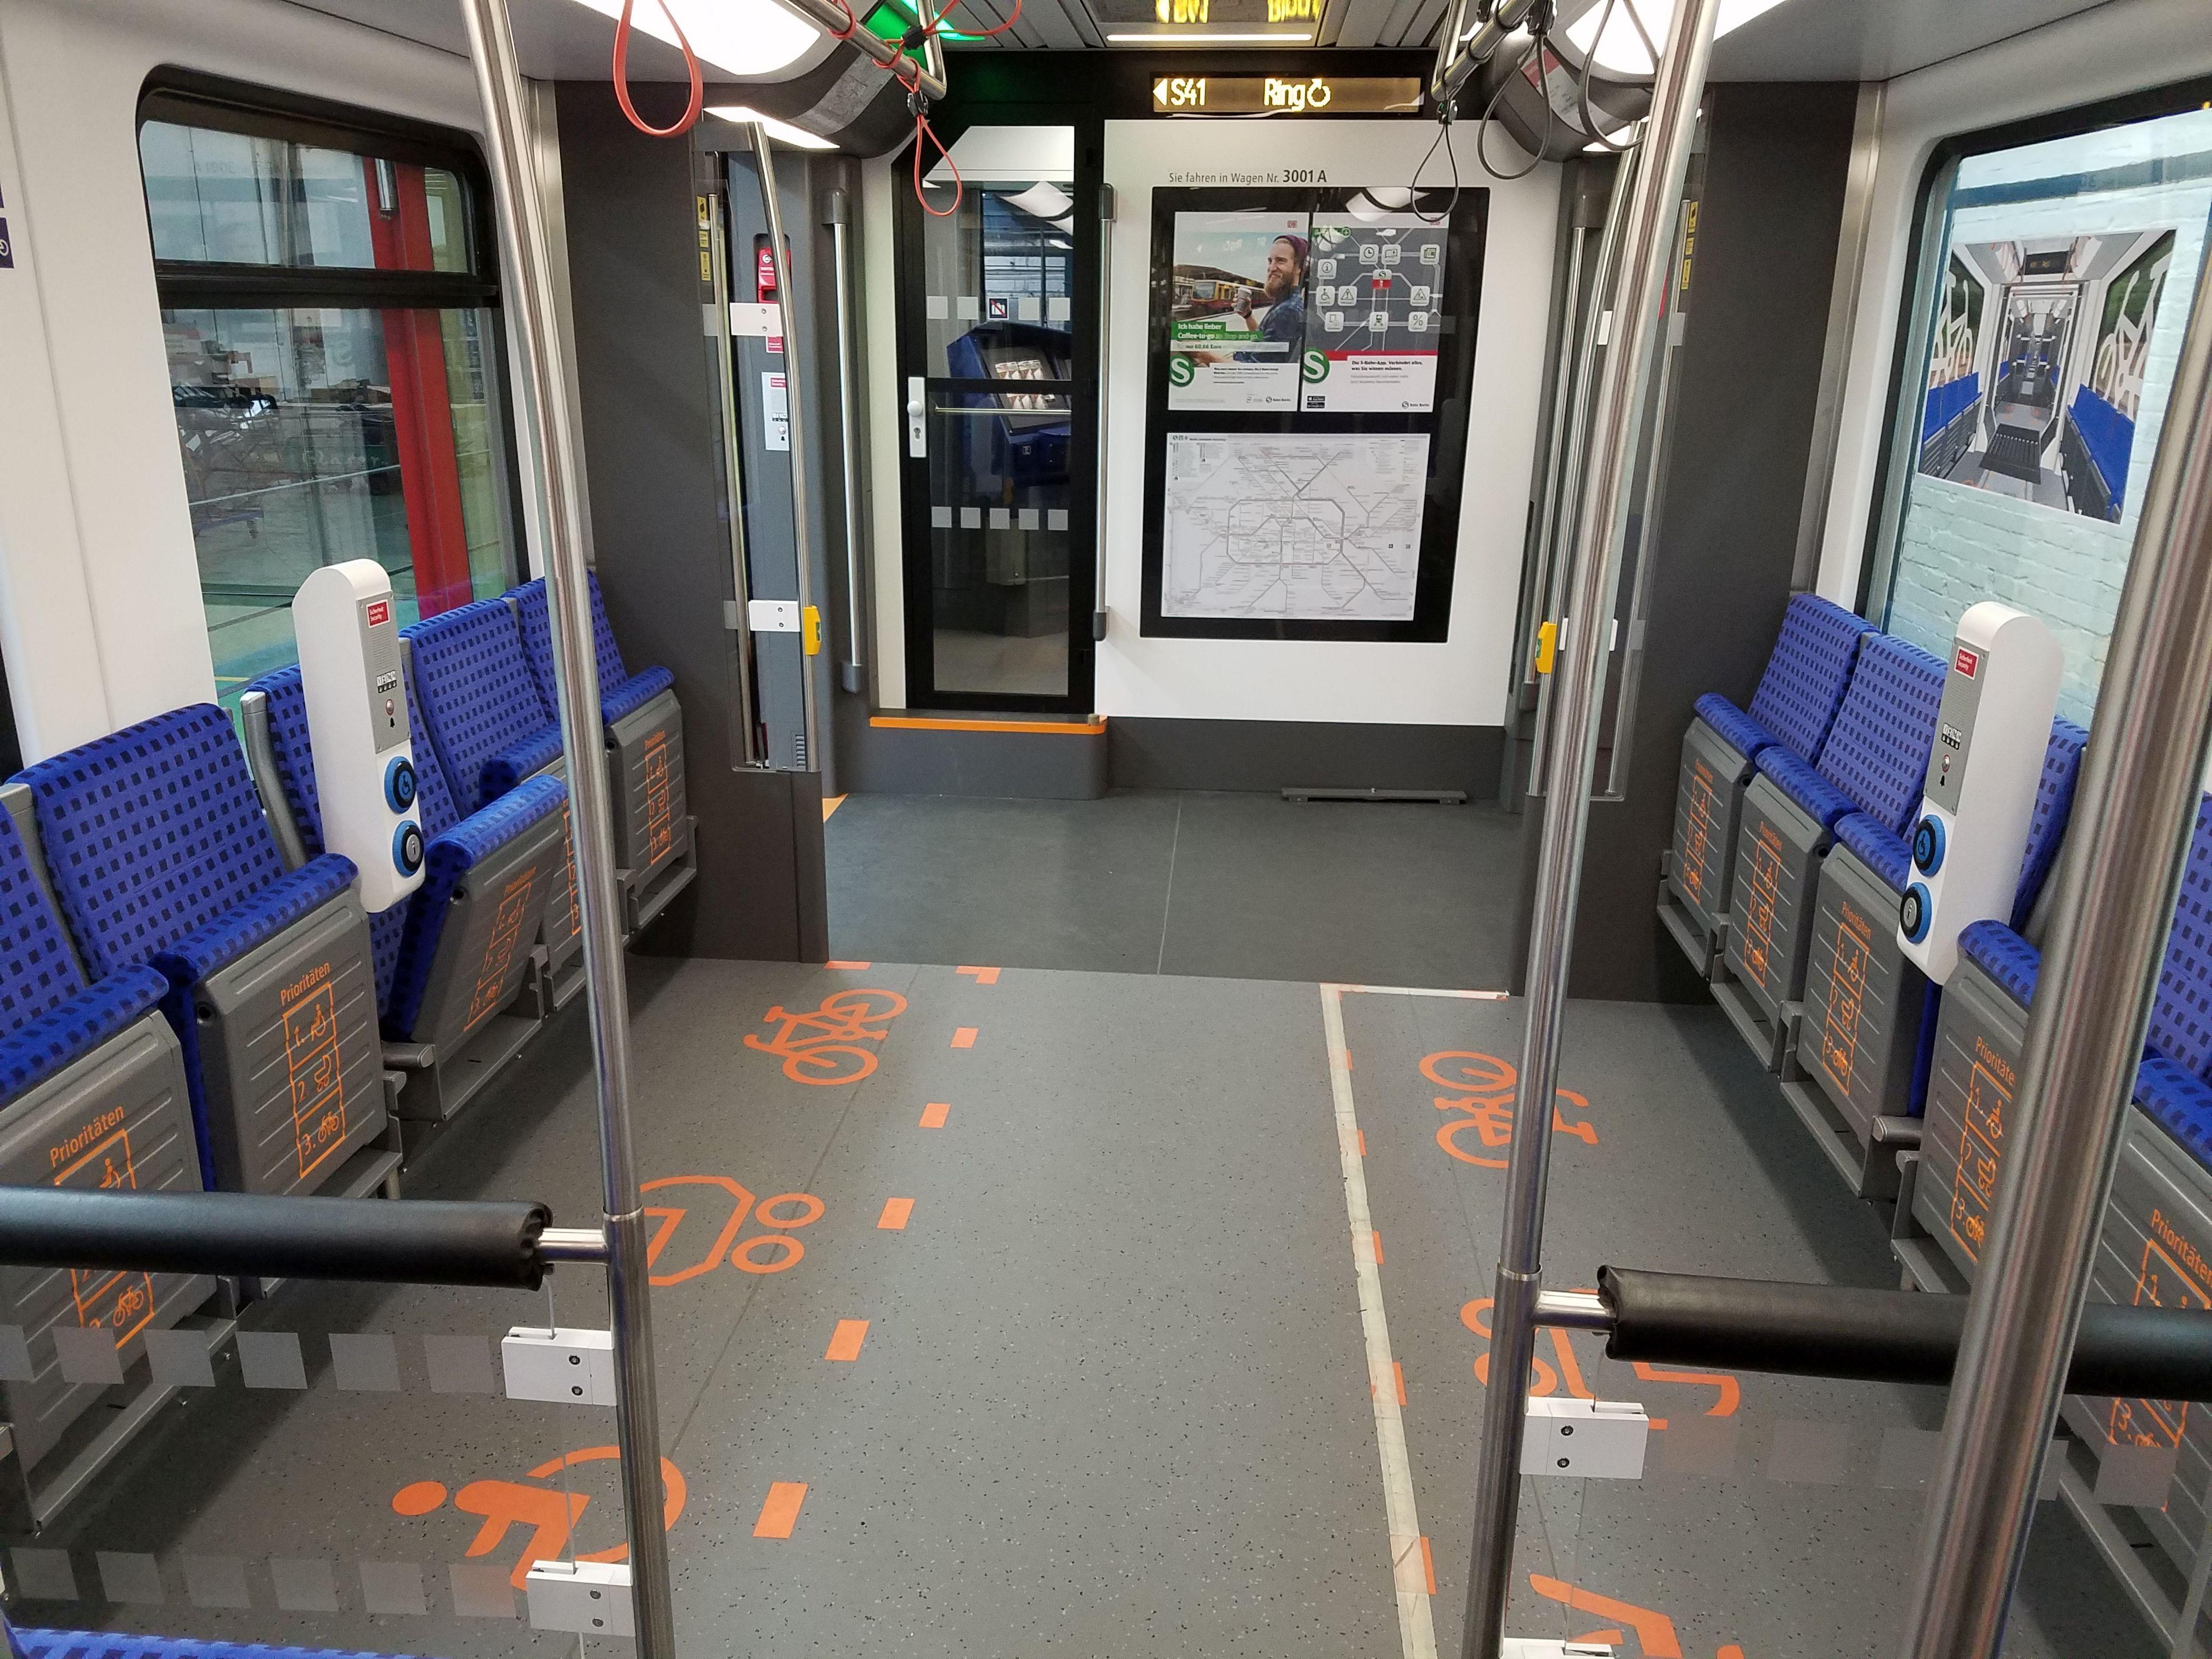 S-Bahn 483 Mehrzweckabteil